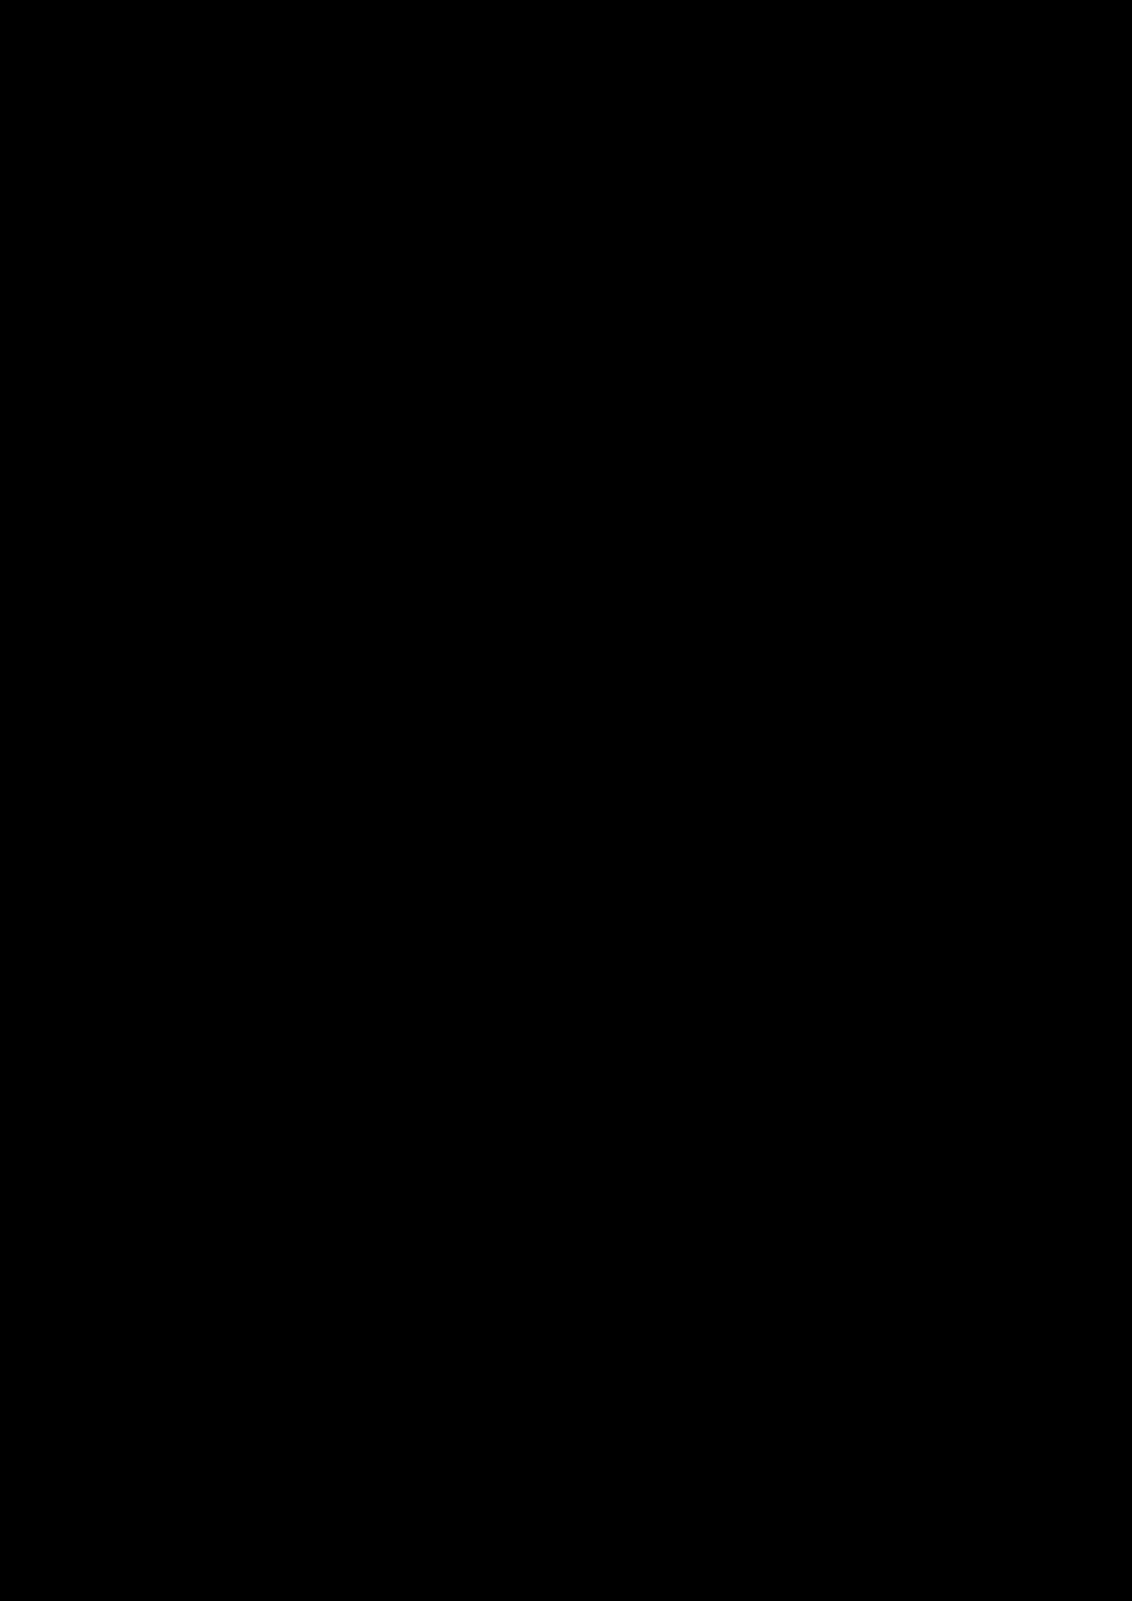 Zagadka volshebnoy stranyi slide, Image 139